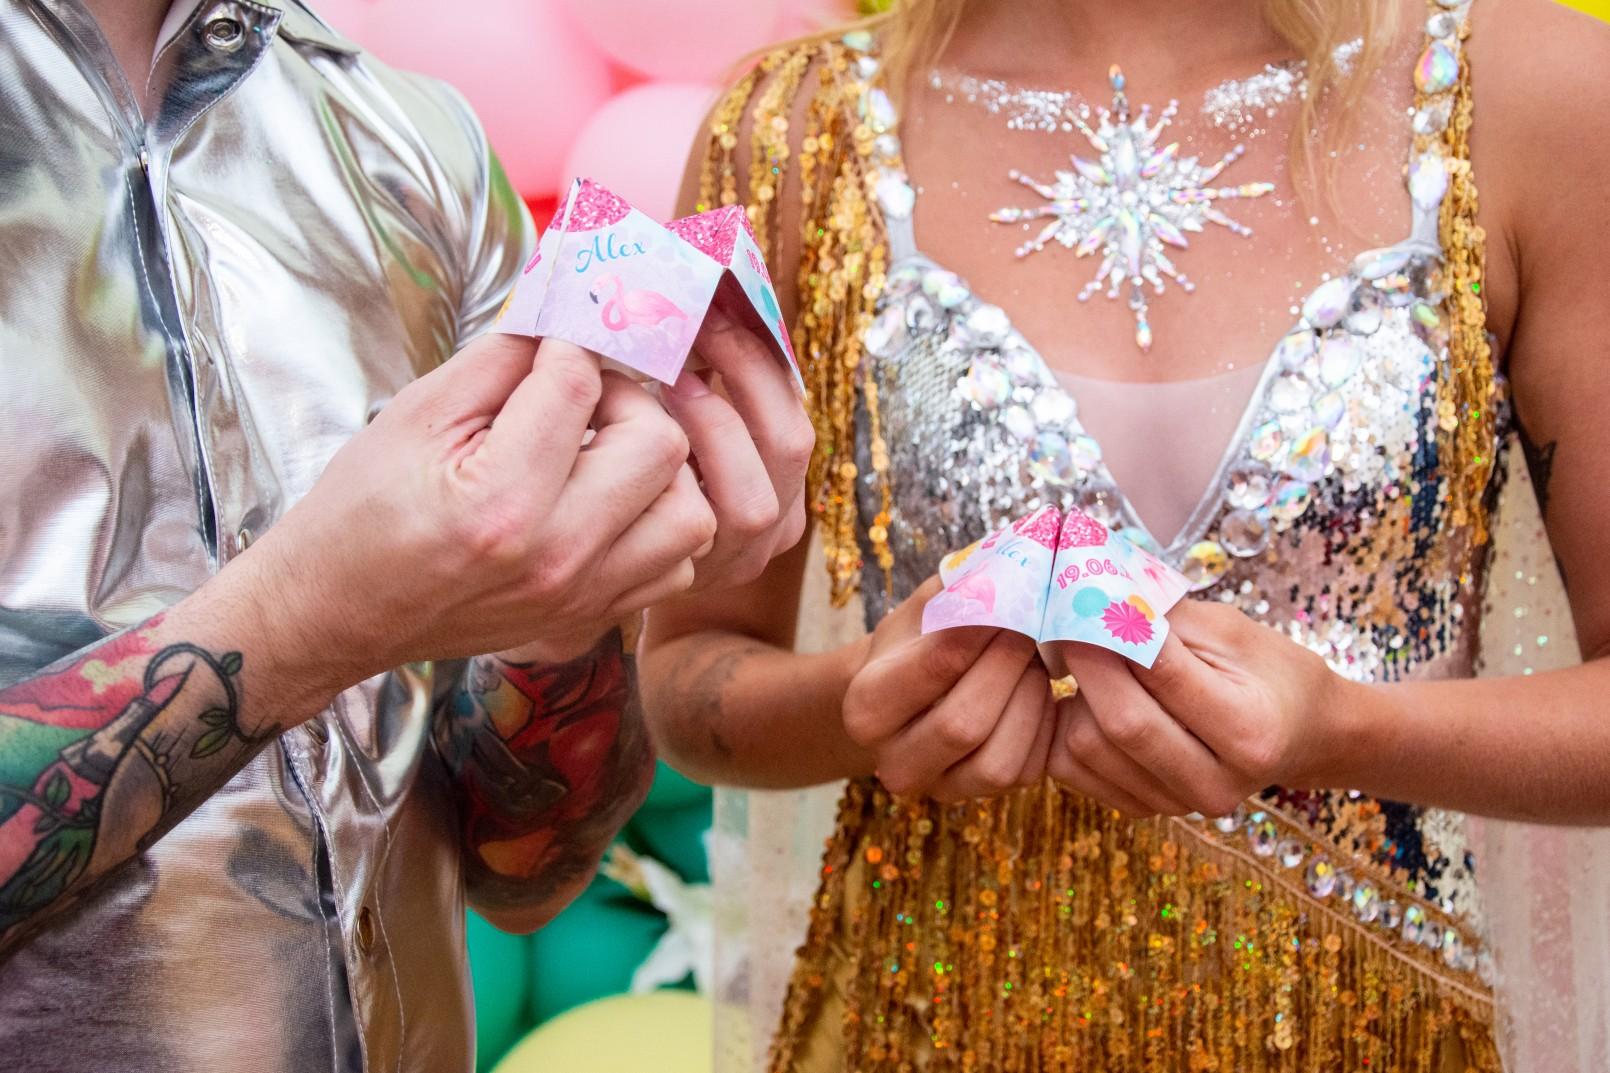 sparkly festival wedding - festival wedding wear - unique wedding stationery - wedding stationery ideas - festival wedding stationery